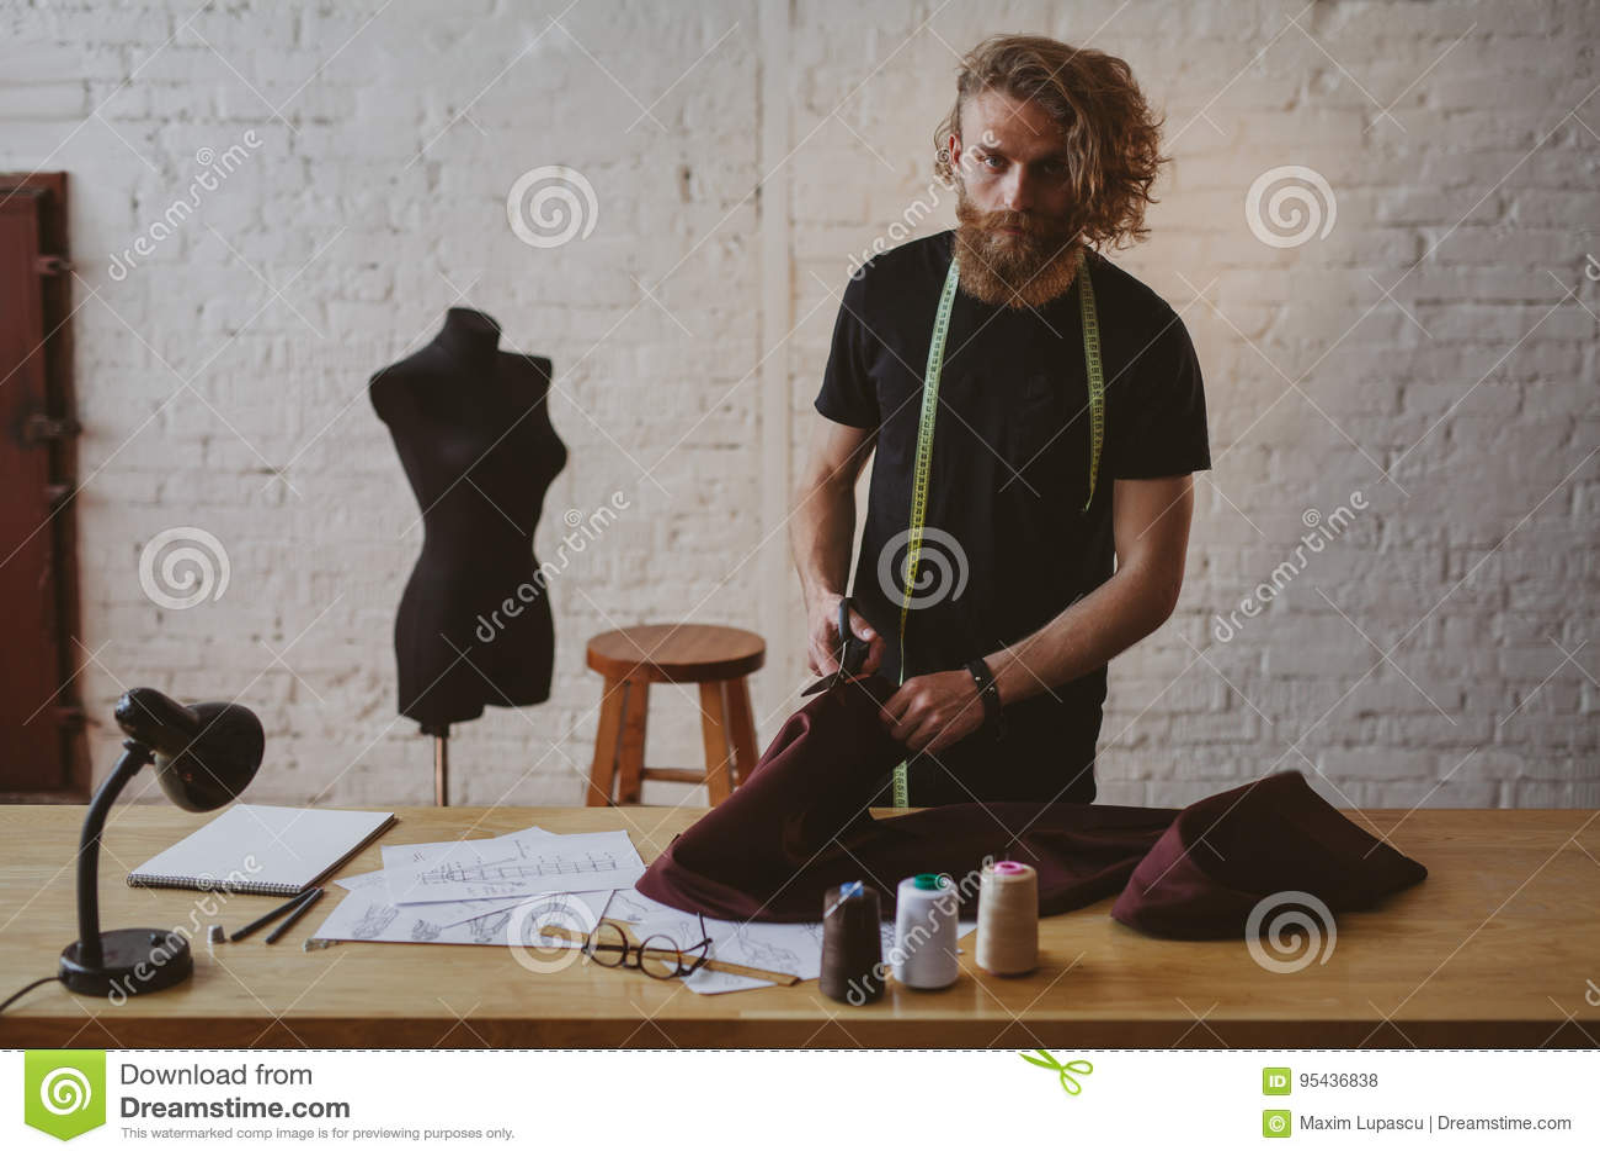 Designer working on new clothe in studio